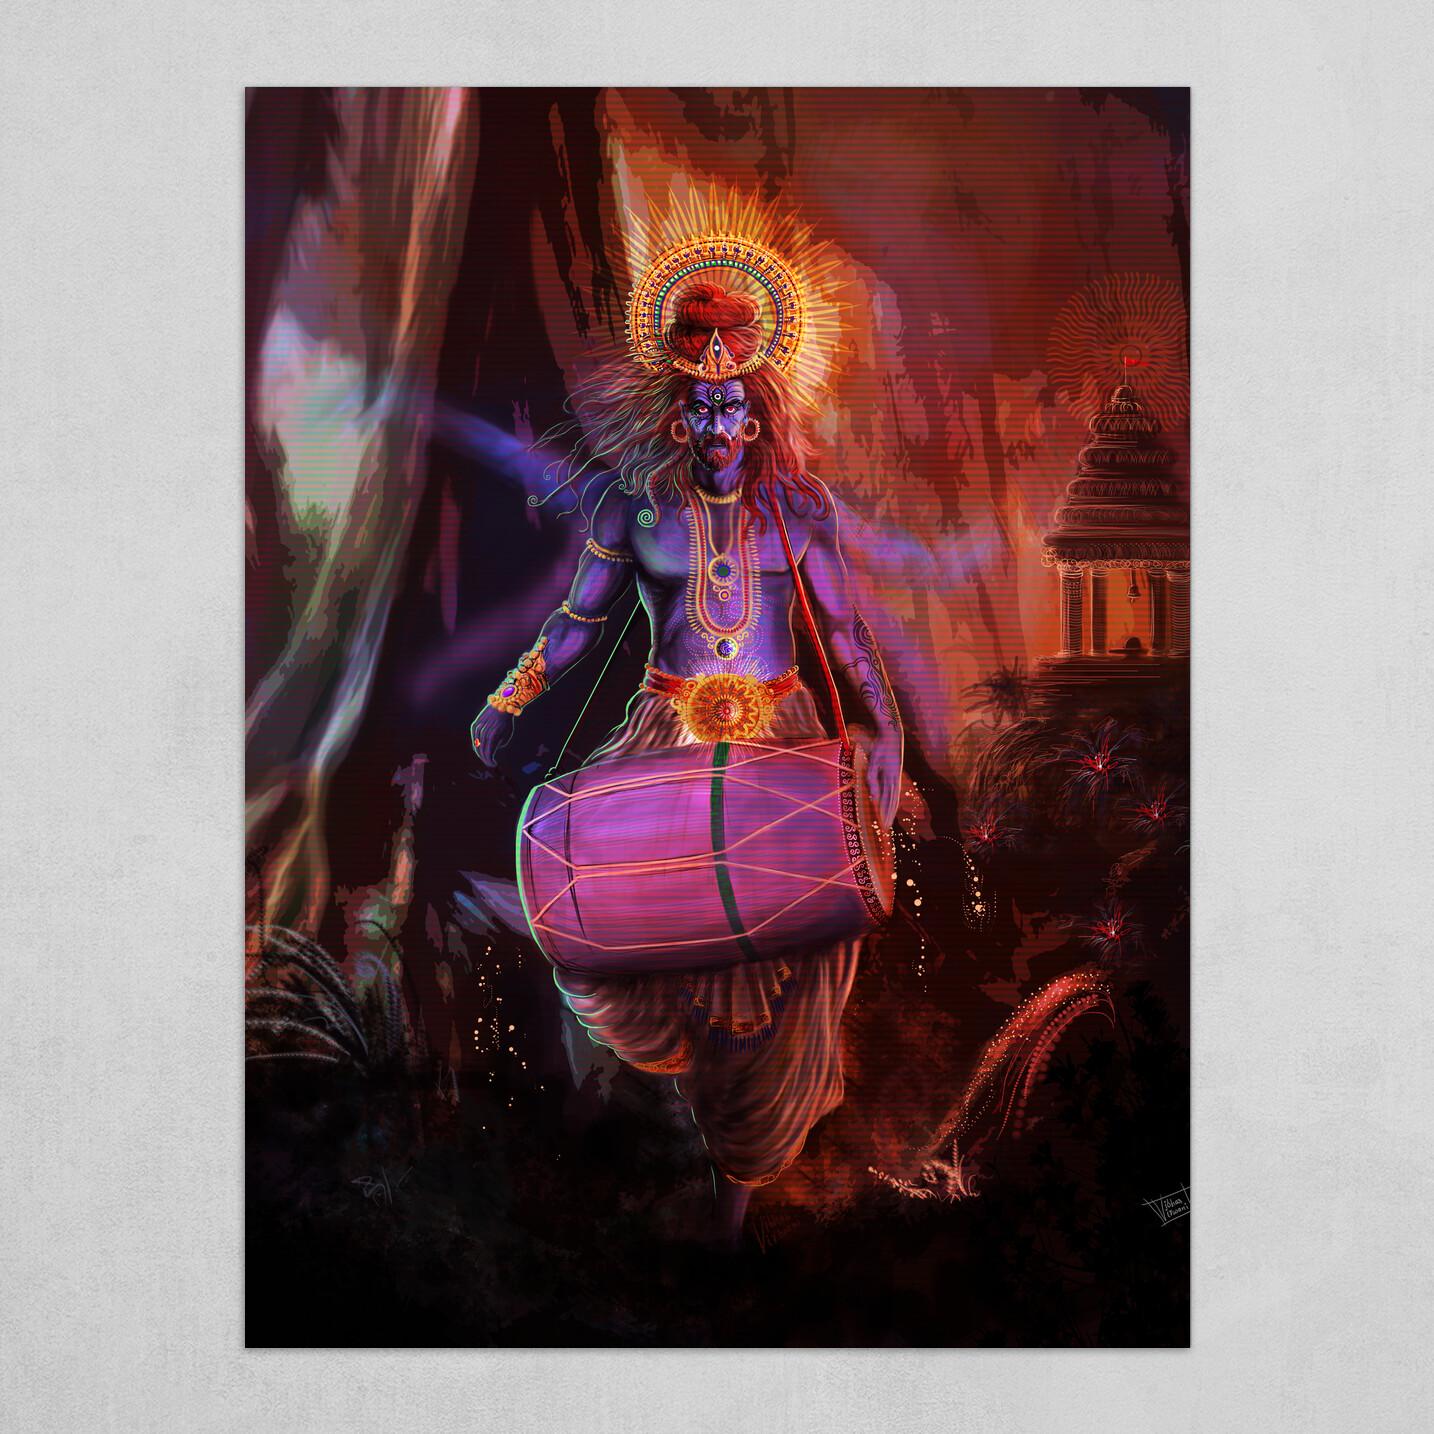 Shiva's Tandav